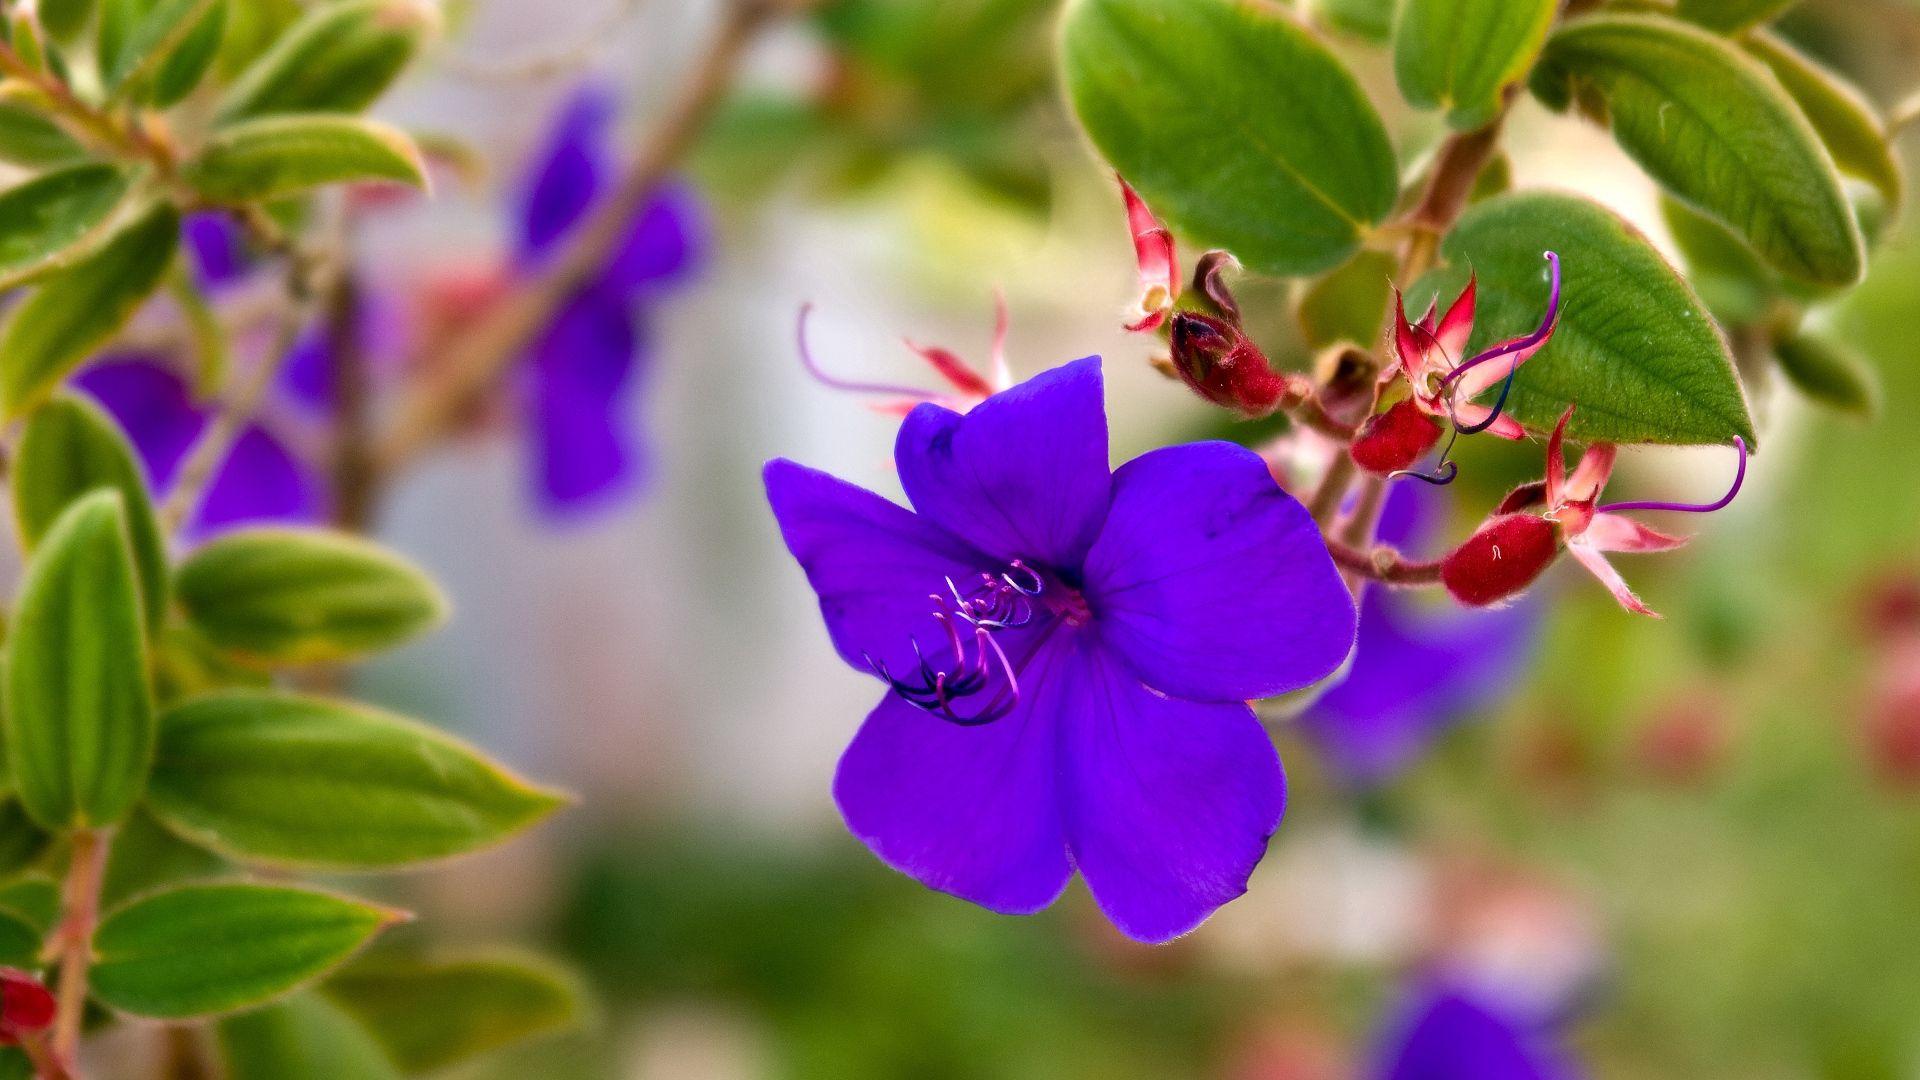 手機的104417屏保和壁紙紫罗兰。 免費下載 宏, 紫色, 紫罗兰, 草, 浅色, 小的, 小, 花瓣, 花卉 圖片